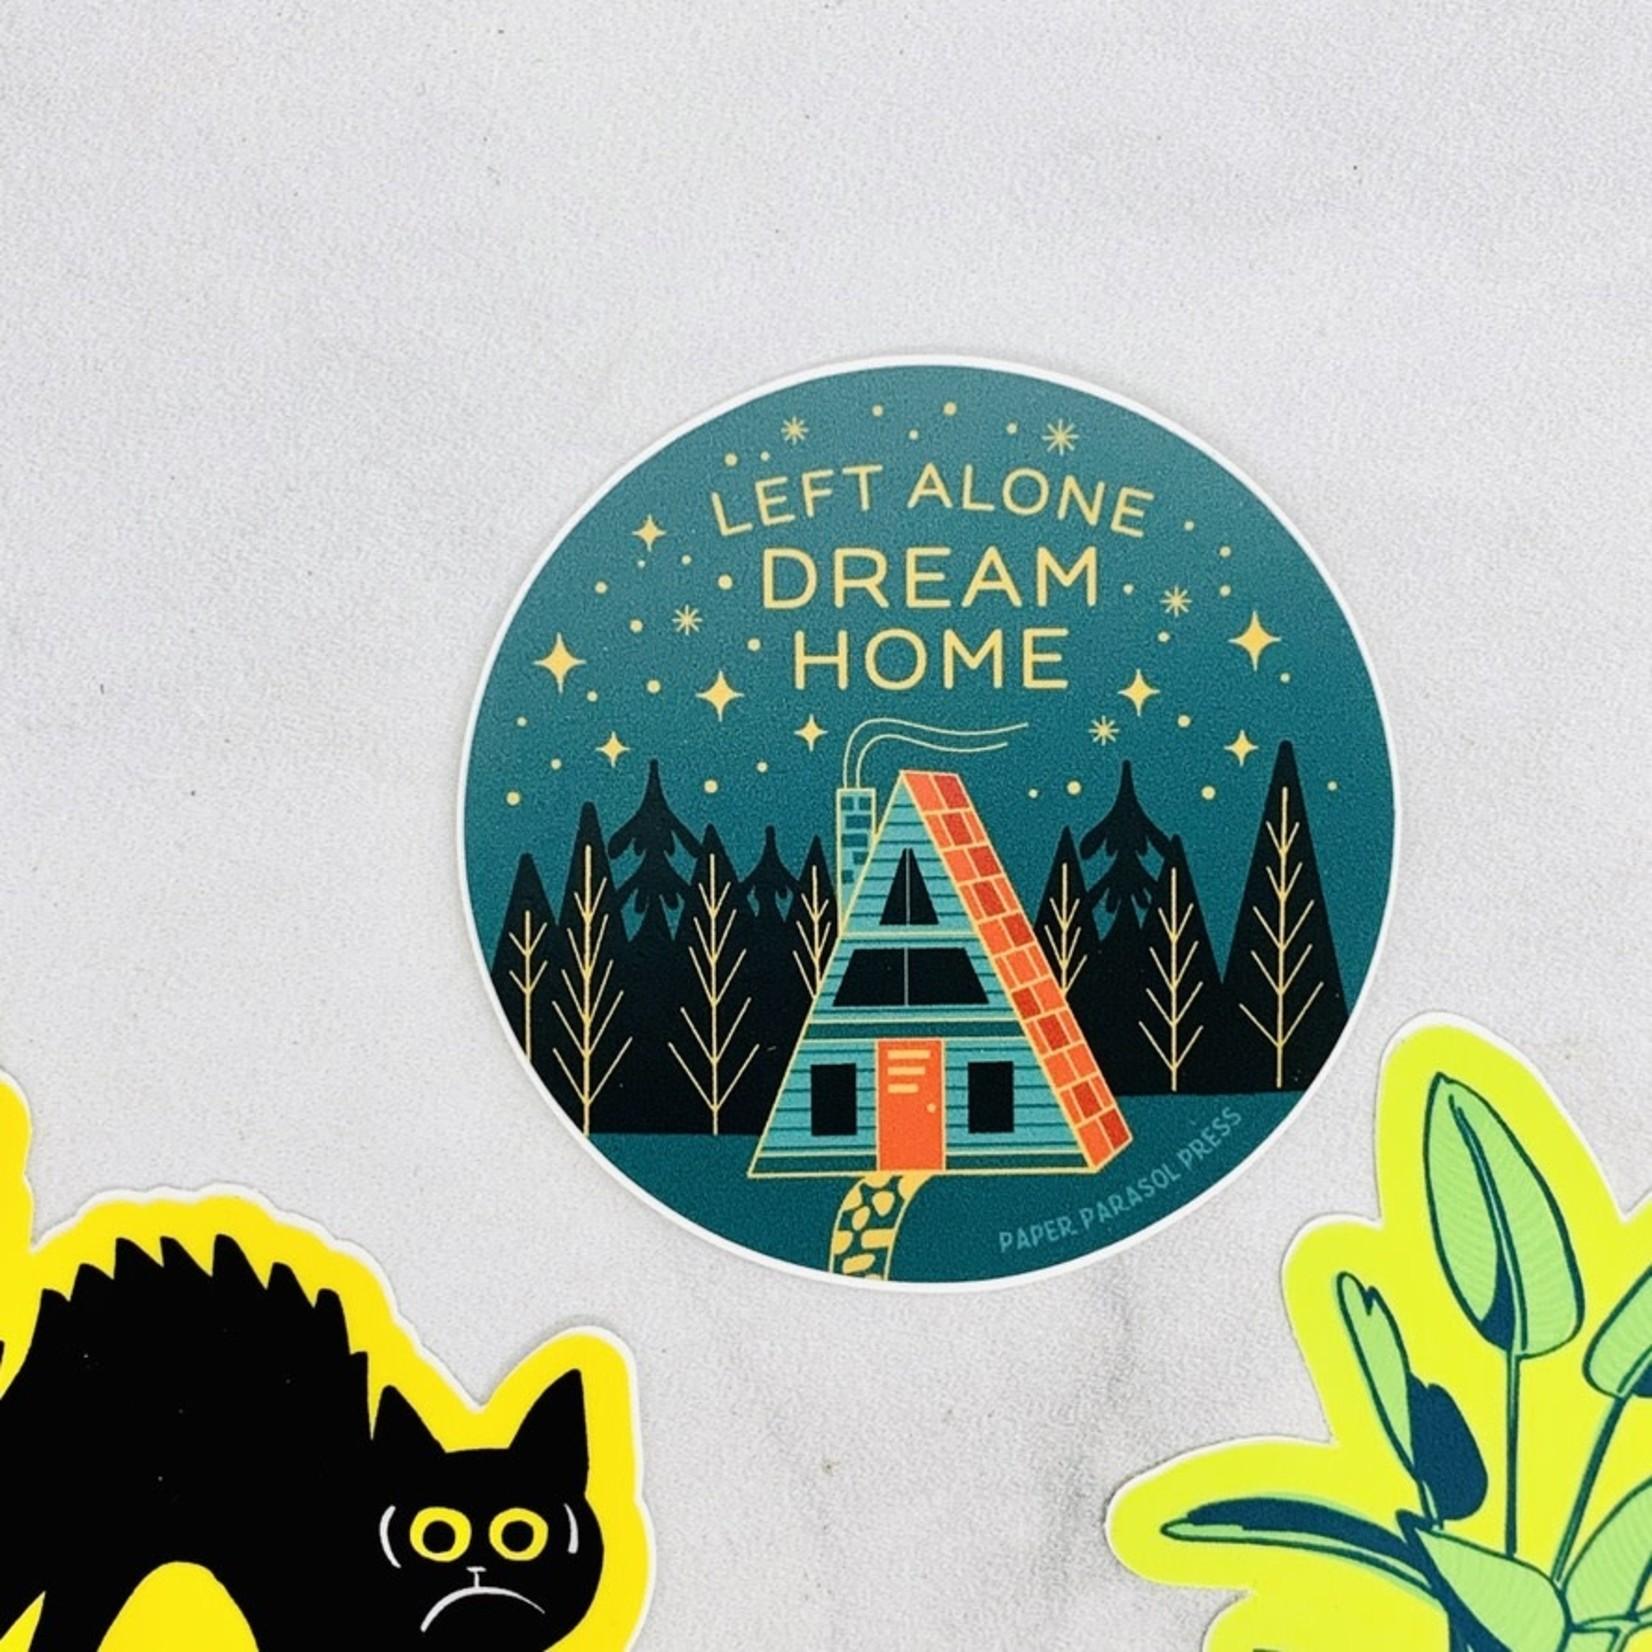 Paper Parasol Press Left Alone Dream Home Sticker